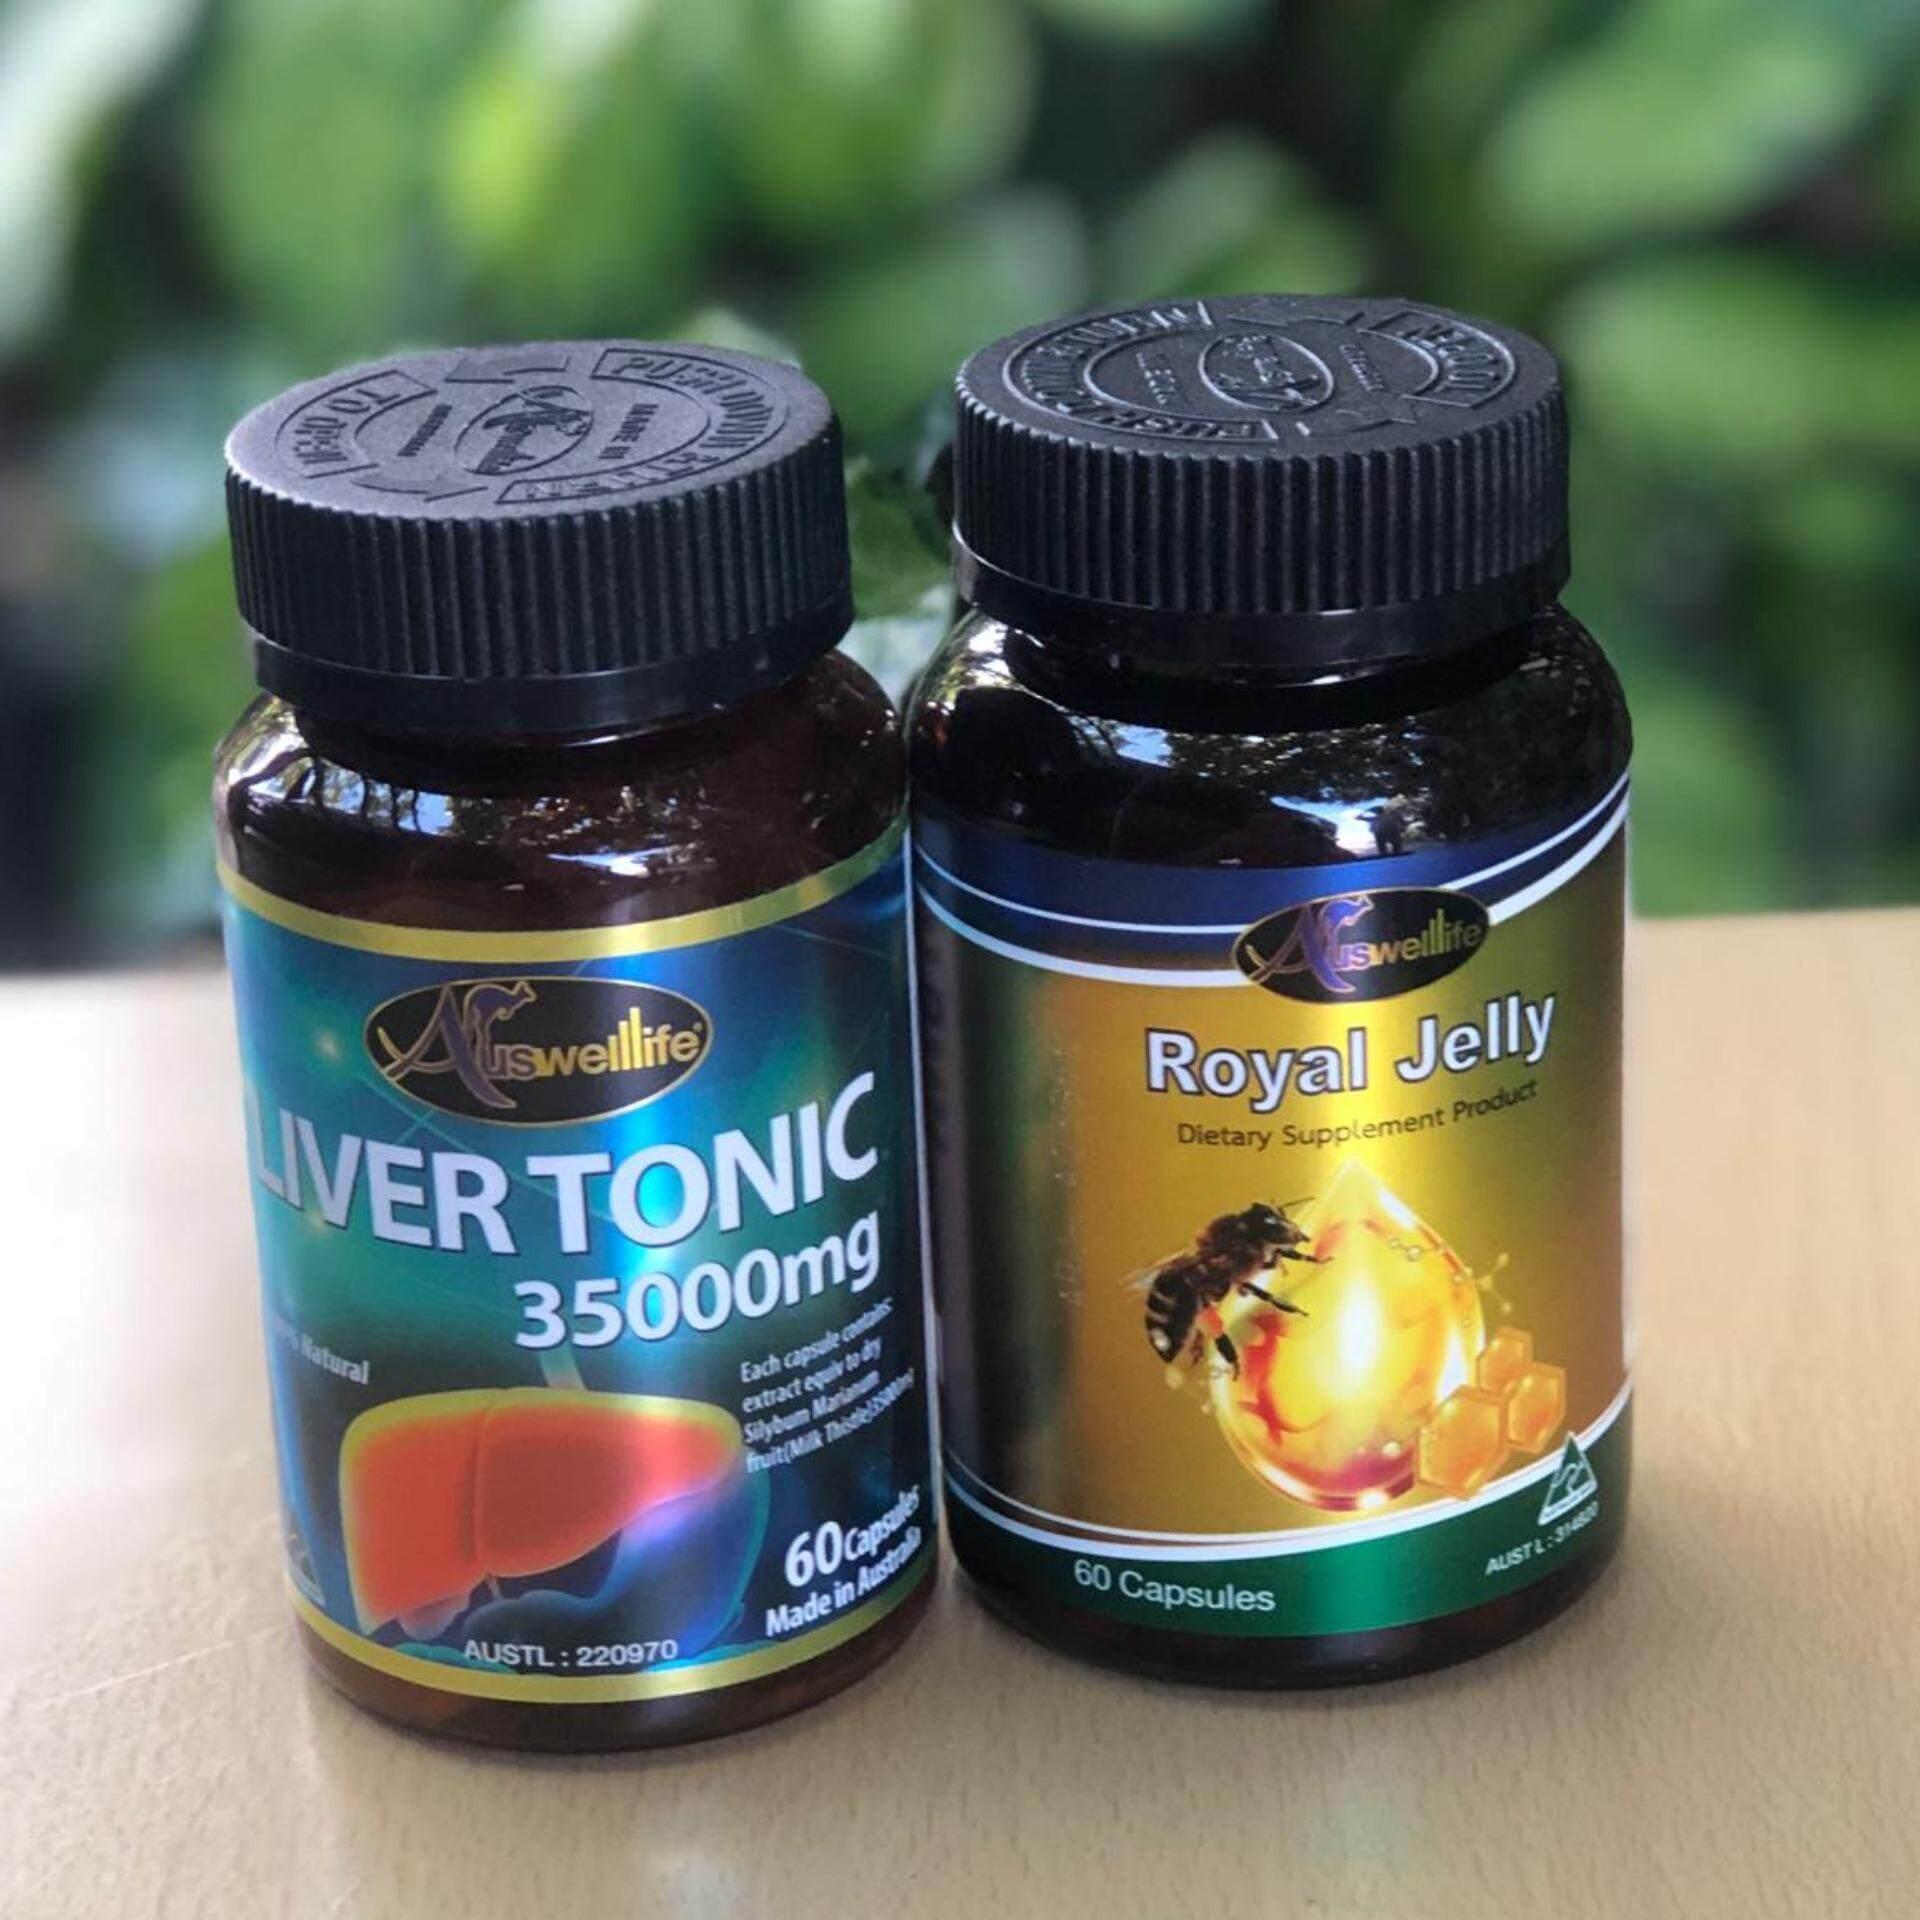 Auswelllife Royal Jelly นมผึ้งเกรดพรีเมี่ยม 100% 2180mg บำรุงประสาทและสมอง ต้านความเครียด นอนไม่หลับ 1 กระปุก (60 แคปซูล) + Auswelllife Liver Tonic 35000mg. วิตามินบำรุงตับ ล้างสารพิษ ดีท็อกตับให้แข็งแรง จำนวน 60 แคปซูล.